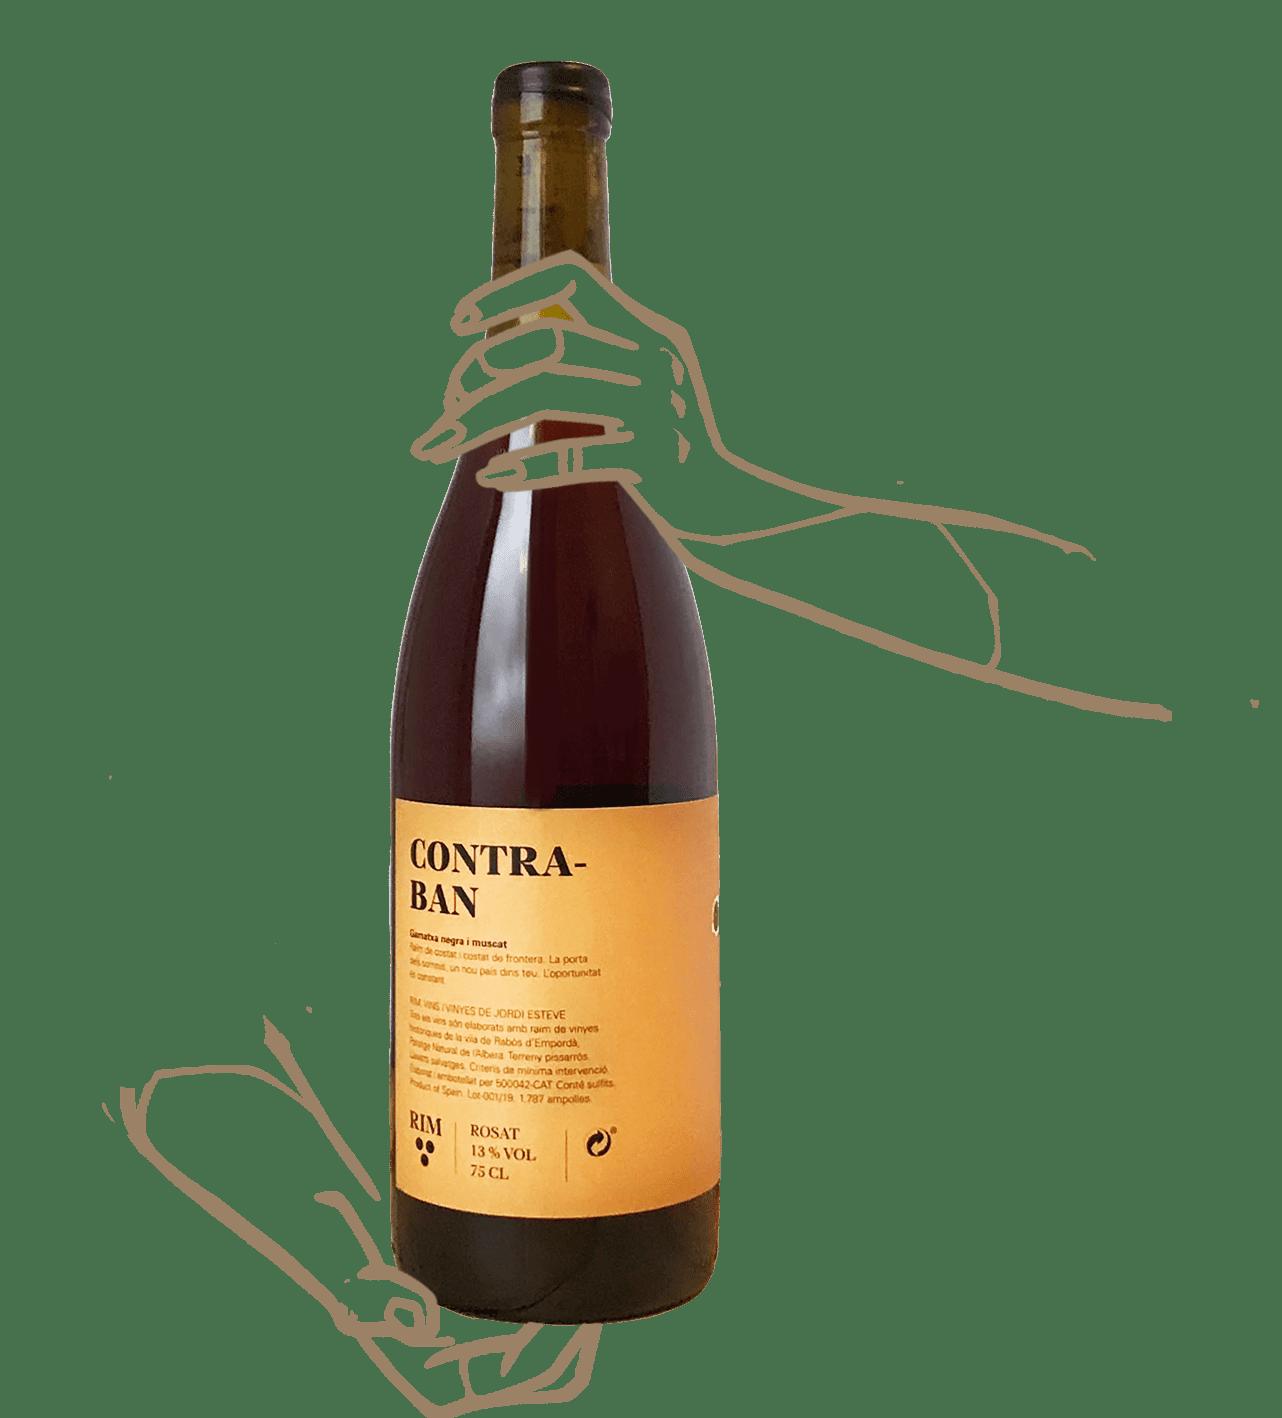 Contraban du domaine celler rim est un vin naturel catalan